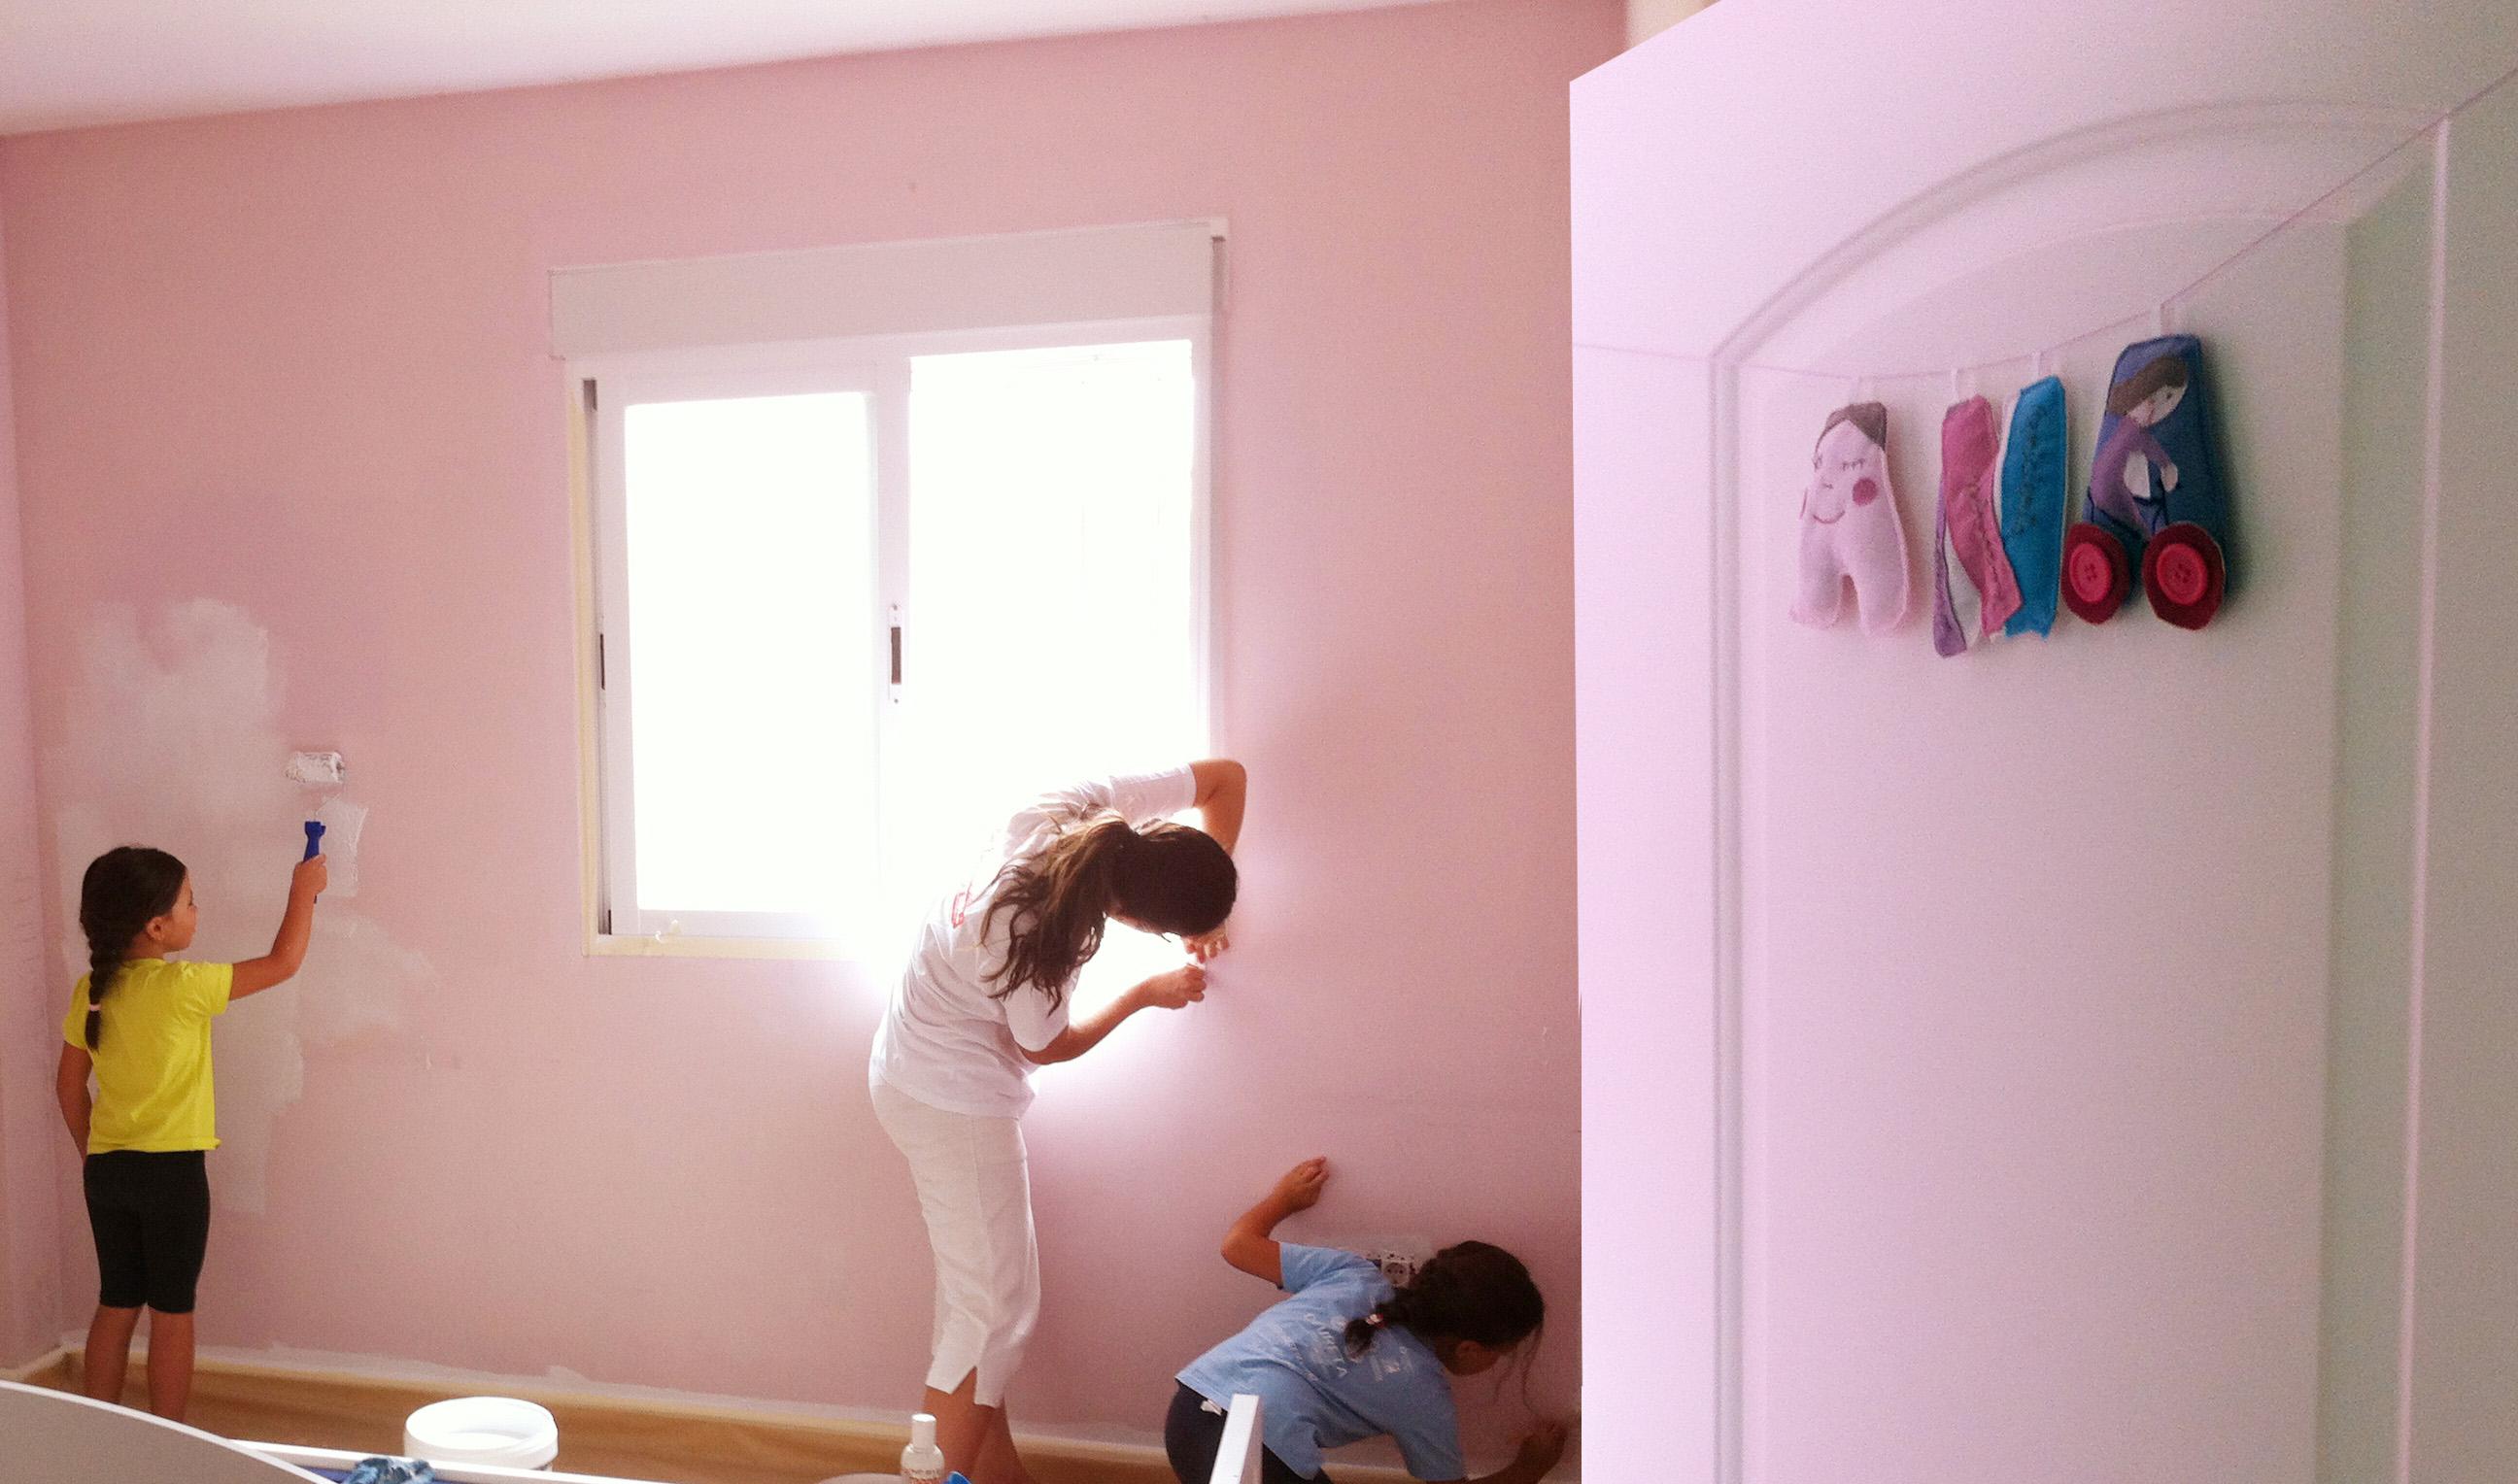 Pared de habitaci n con dibujo pintado estela y papel - Dibujos habitacion bebe ...